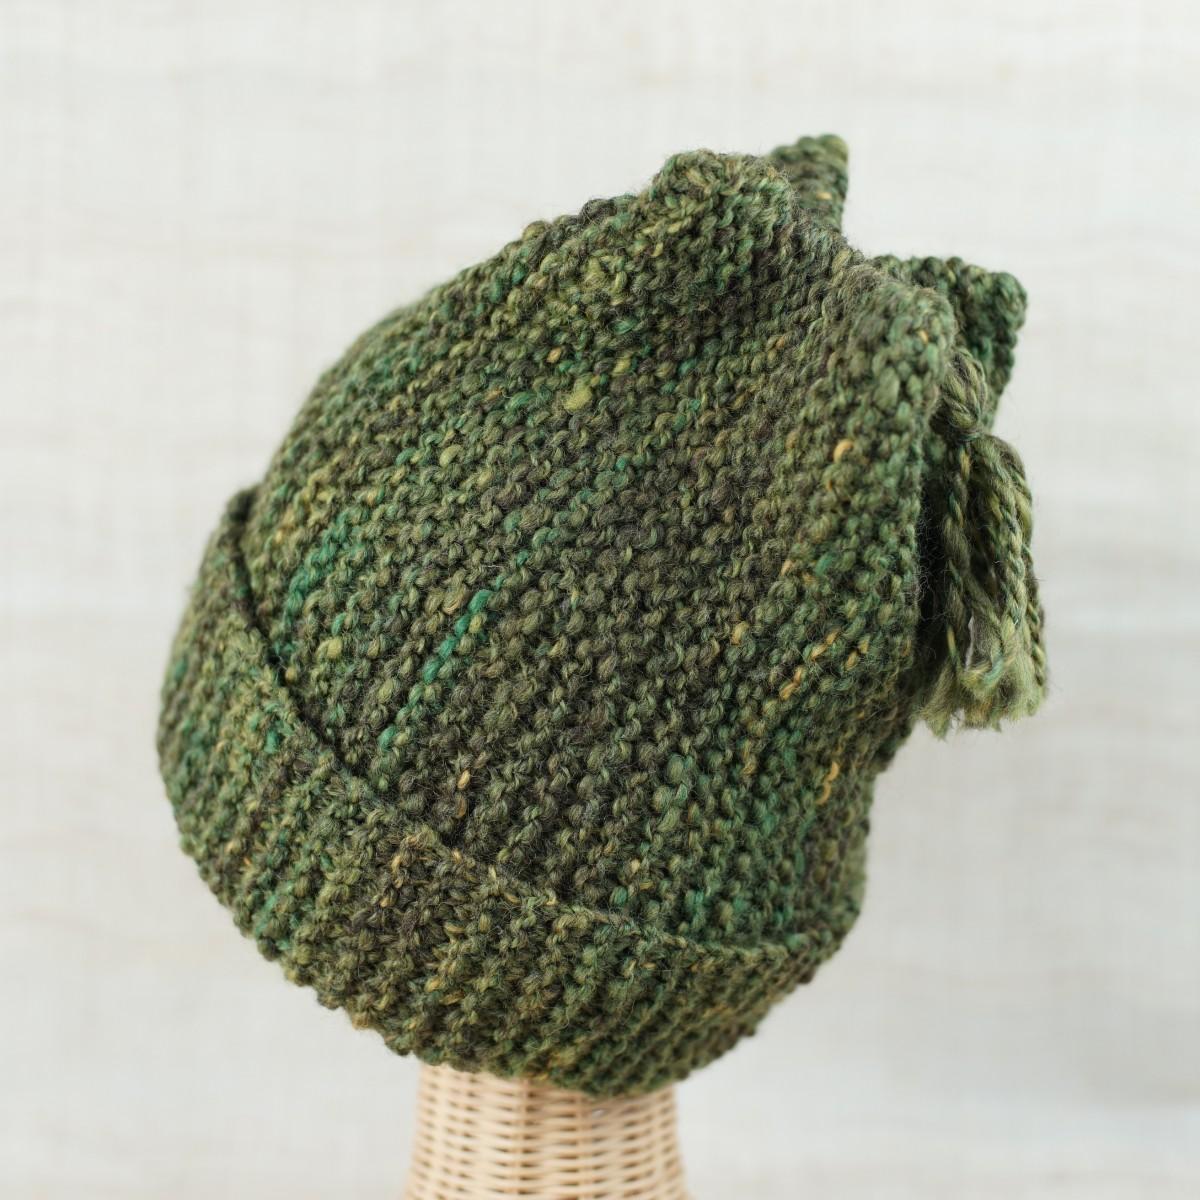 手紡ぎ糸の帽子/秋色に変化を見せる緑をイメージして、ツイード風に。染色コリデールをMIX